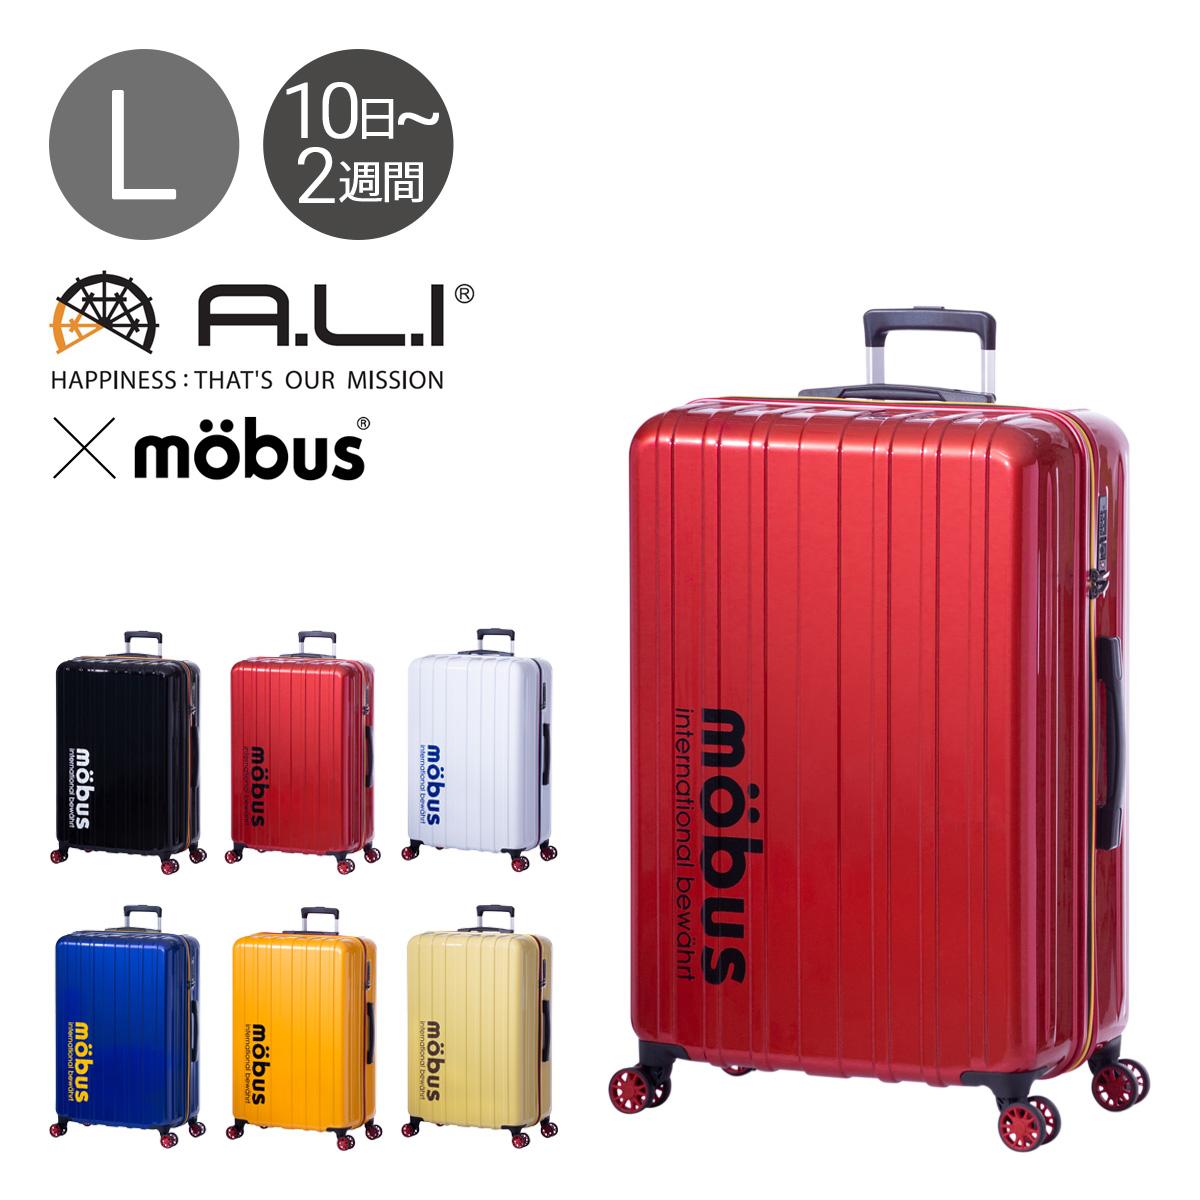 アジアラゲージ モーブス スーツケース 96L 69.5cm 4.3kg MBC-1908-28 ハード ファスナー mobus×A.L.I TSAロック搭載 キャリーバッグ キャリーケース[09/12][PO10][bef]